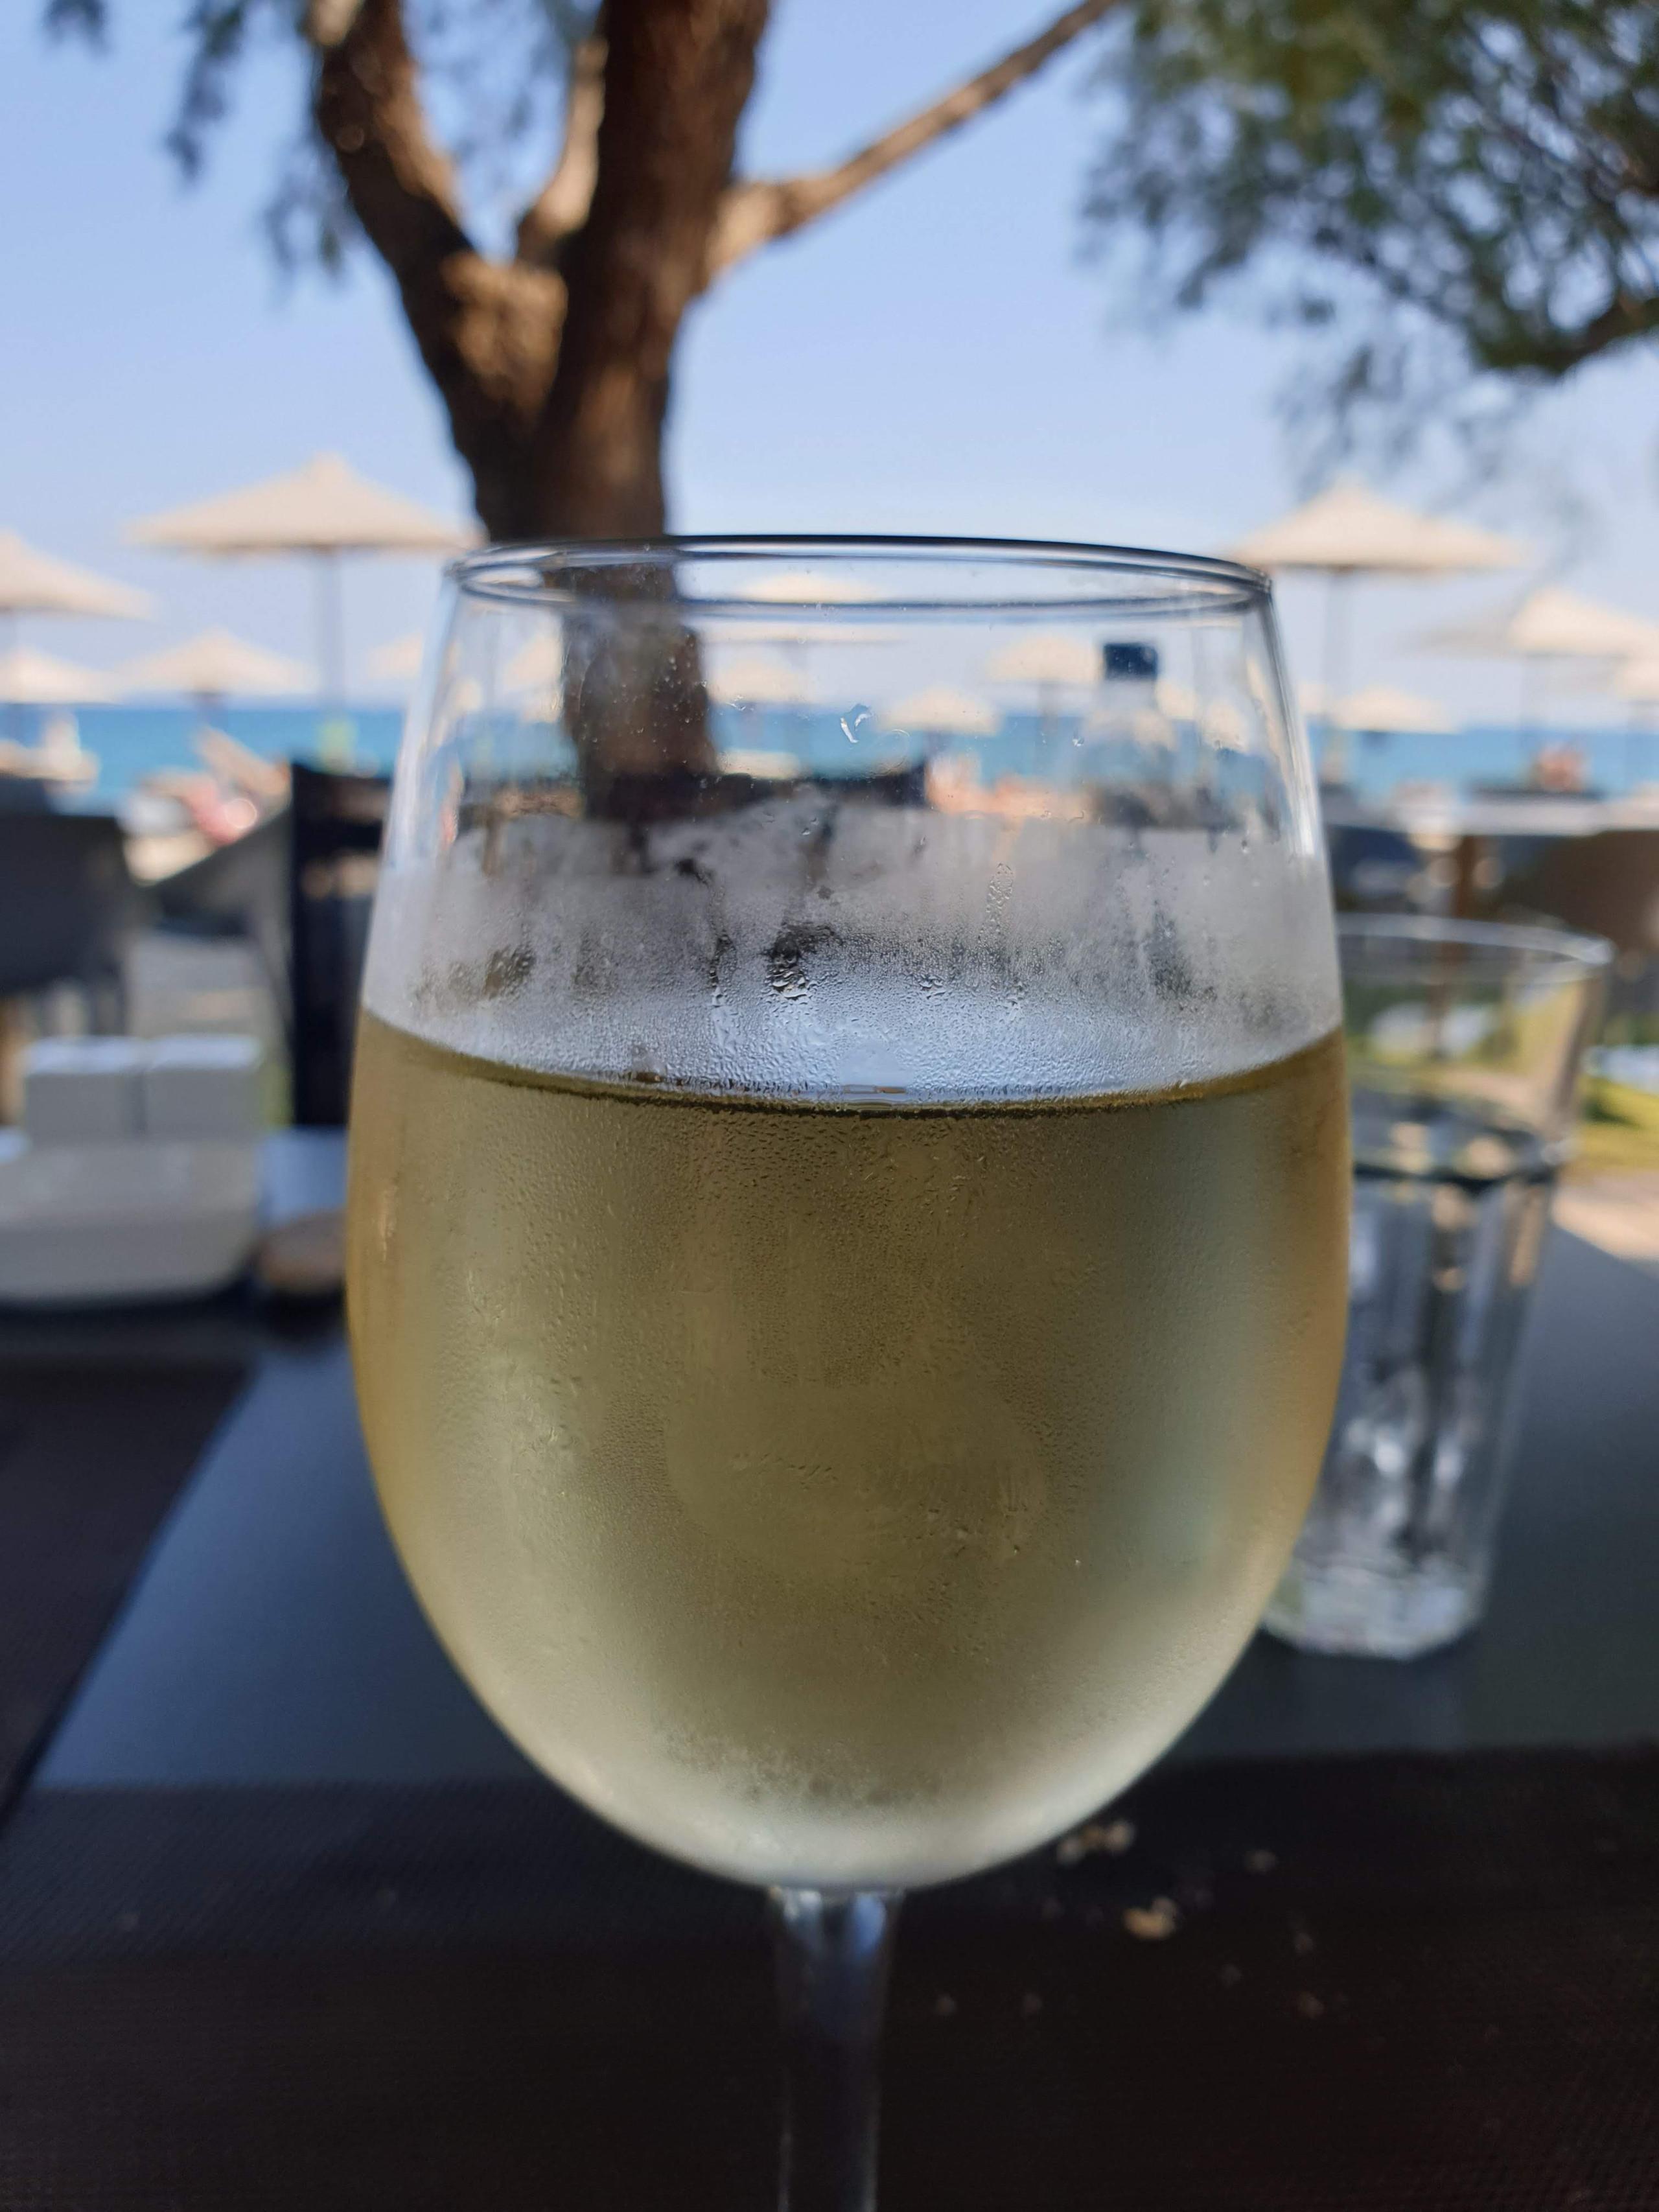 יין לבן יבש, בדוריסה ביץ ריזורט על הים